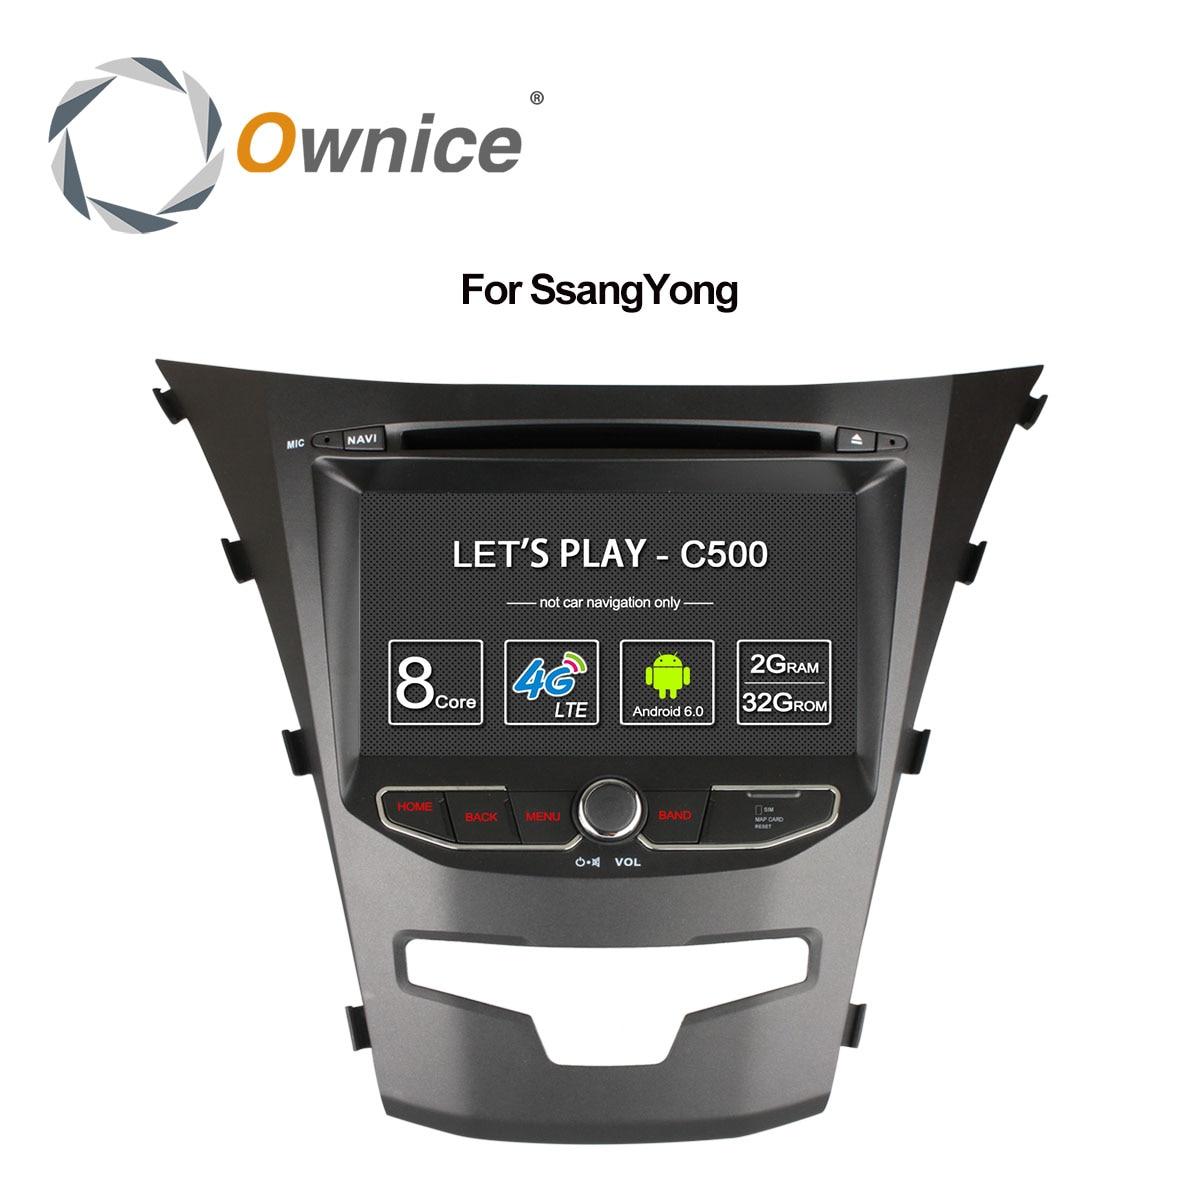 Ownice C500 Octa 8 Core android 6.0 pour ssangyong actyon 2014 korando Quad Core soutien 4g SIM LTE Réseau DAB + 2 gb RAM 32 gb ROM